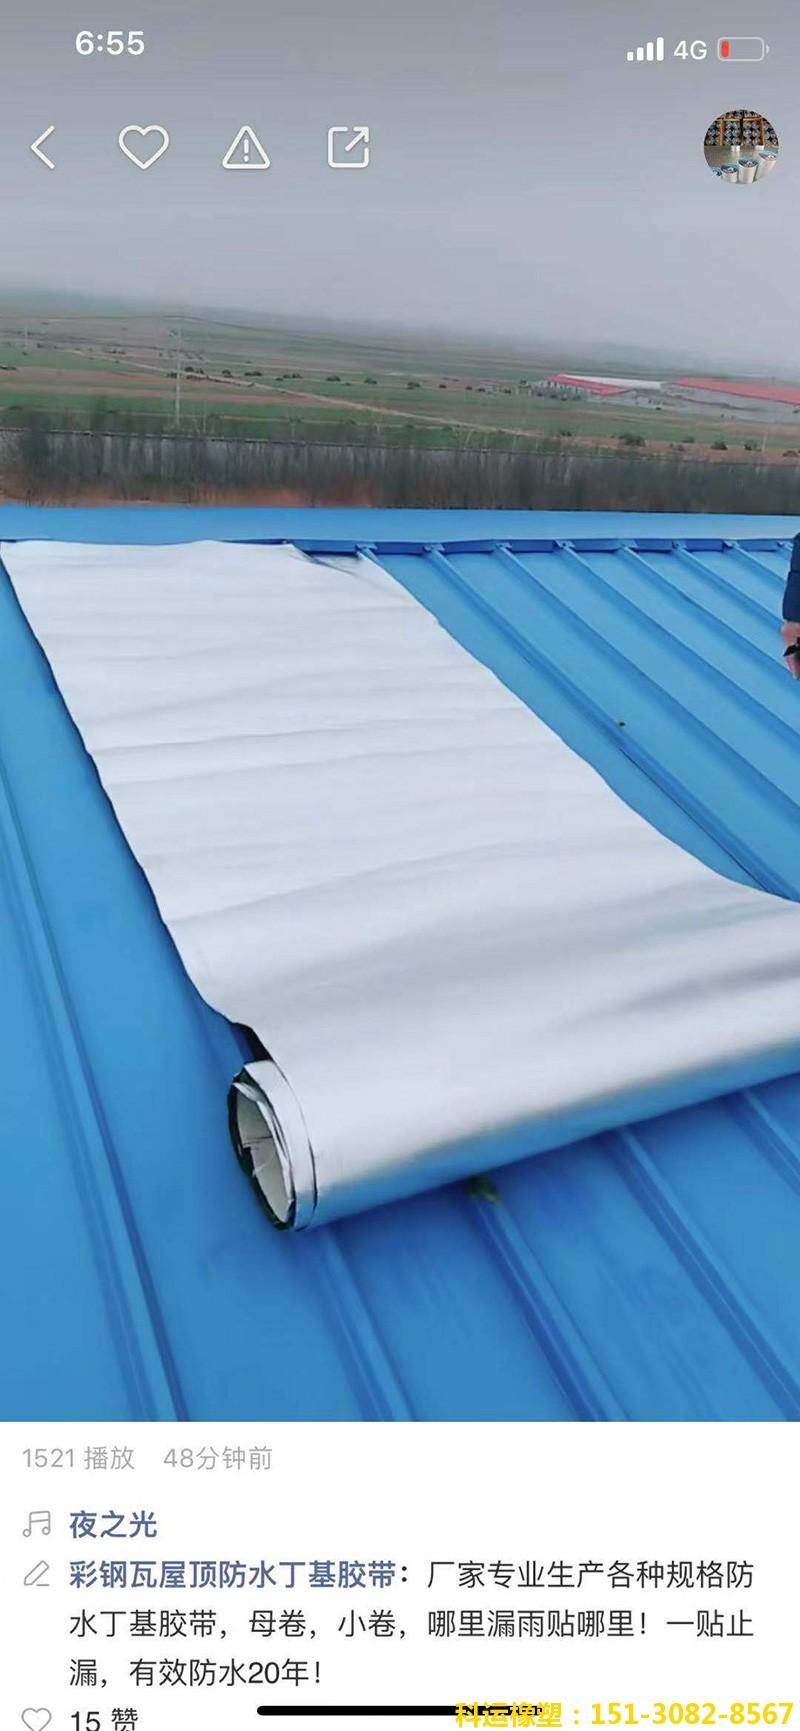 单面铝箔丁基防水密封胶带-科运橡塑专业丁基防水胶带厂家批发1